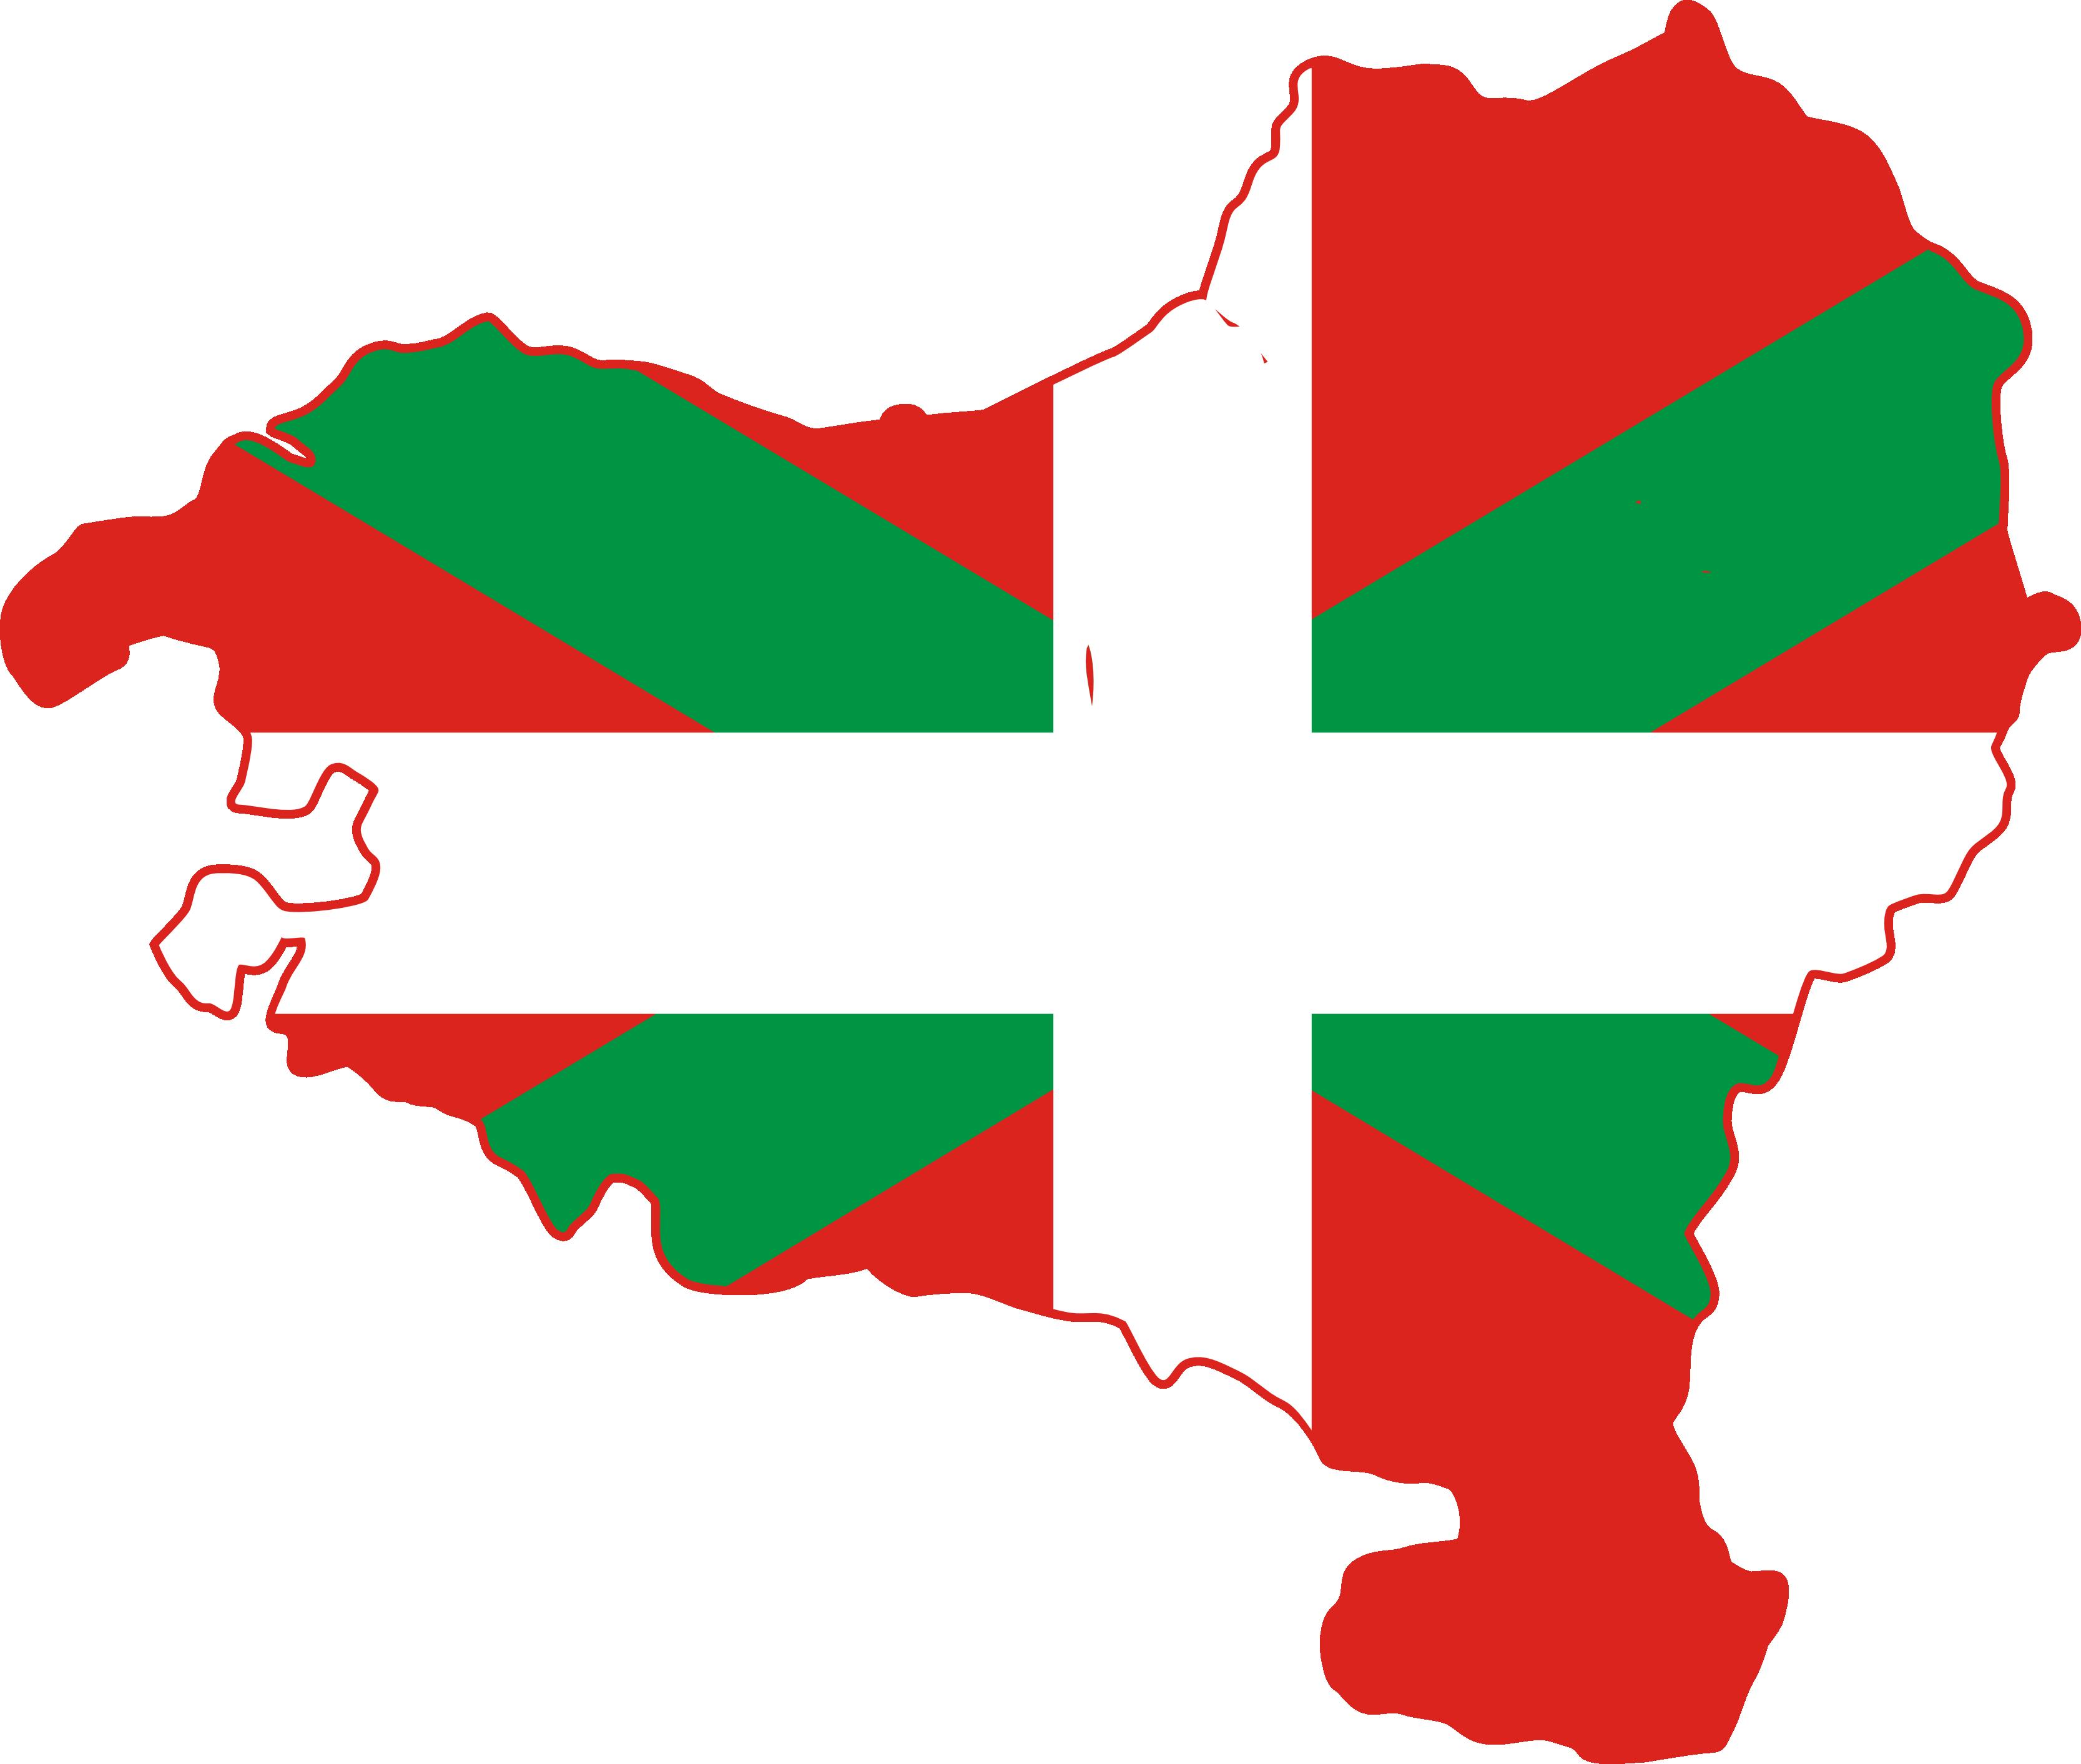 Baskimaa lippu